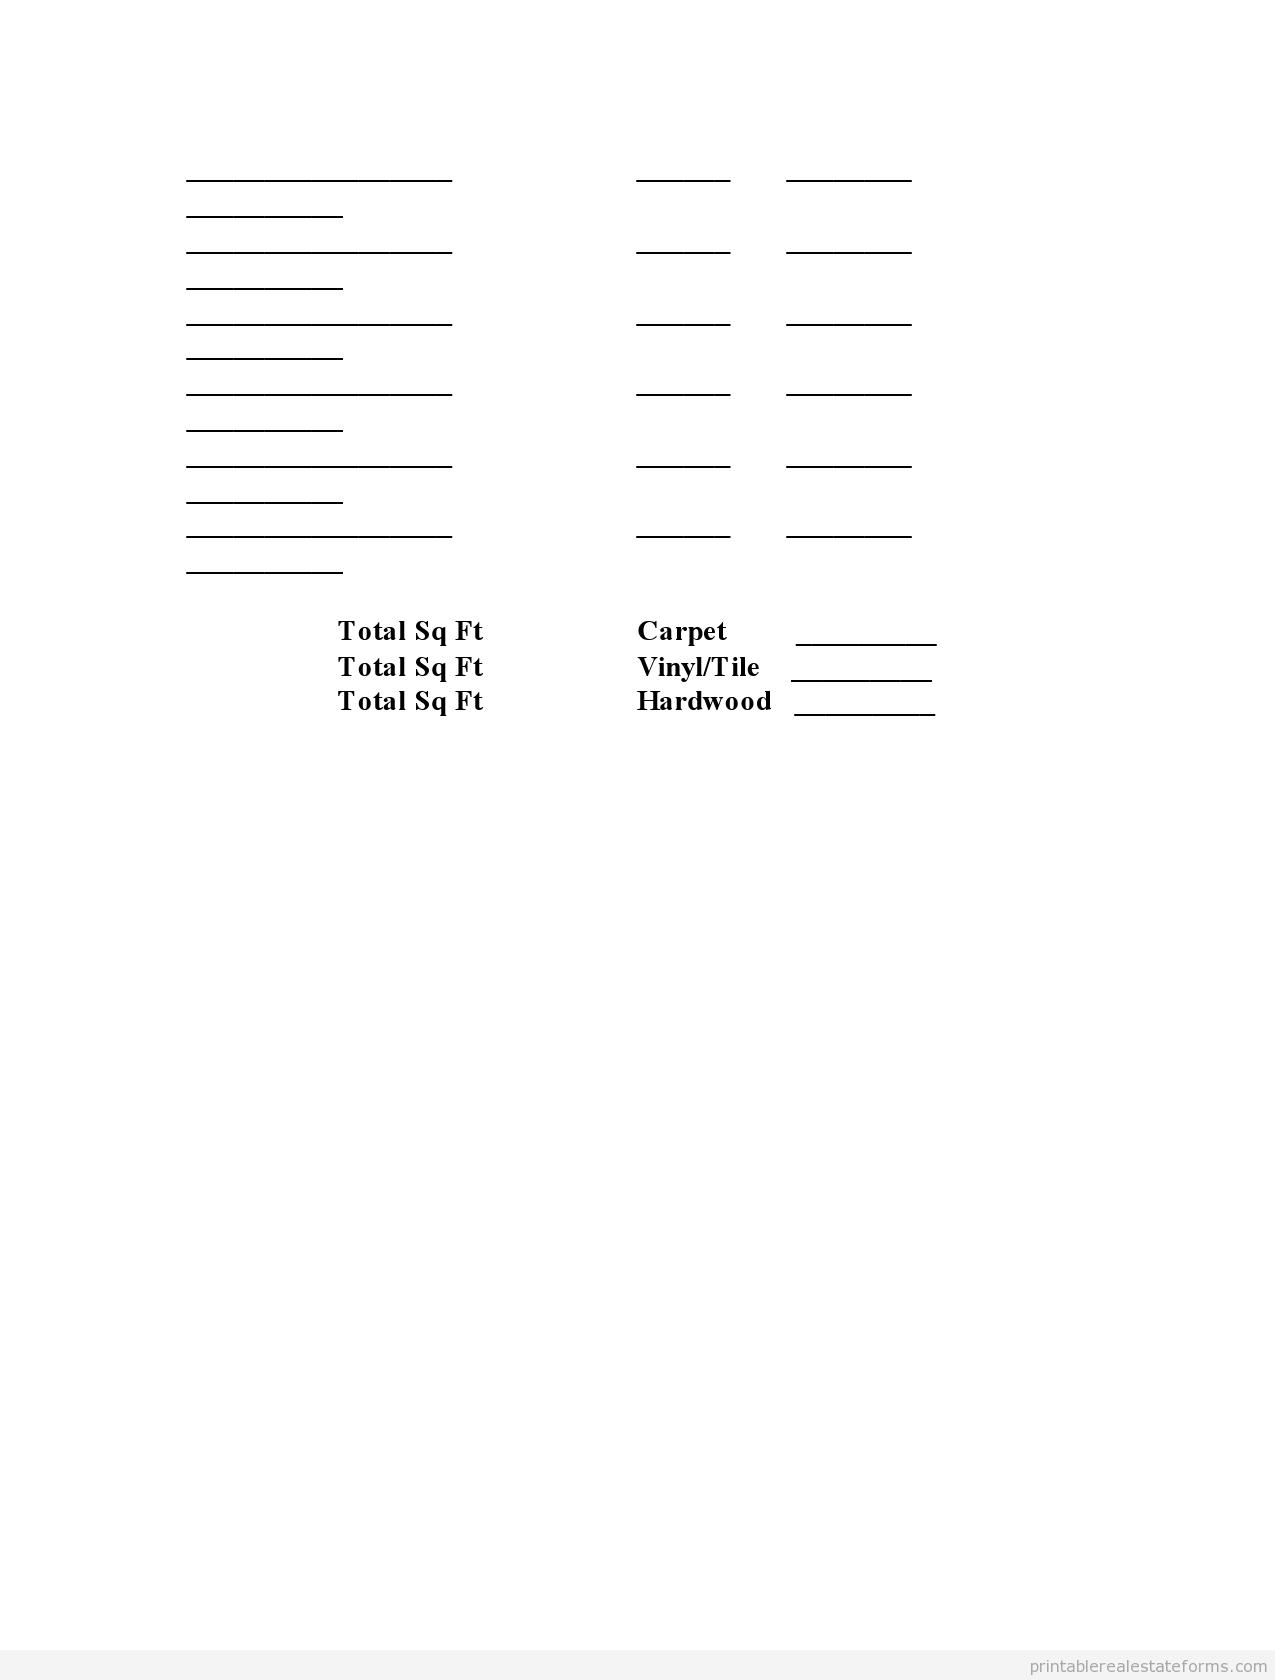 printable prop insp flooring estimate worksheet template 2015 sample forms 2015 real estate. Black Bedroom Furniture Sets. Home Design Ideas